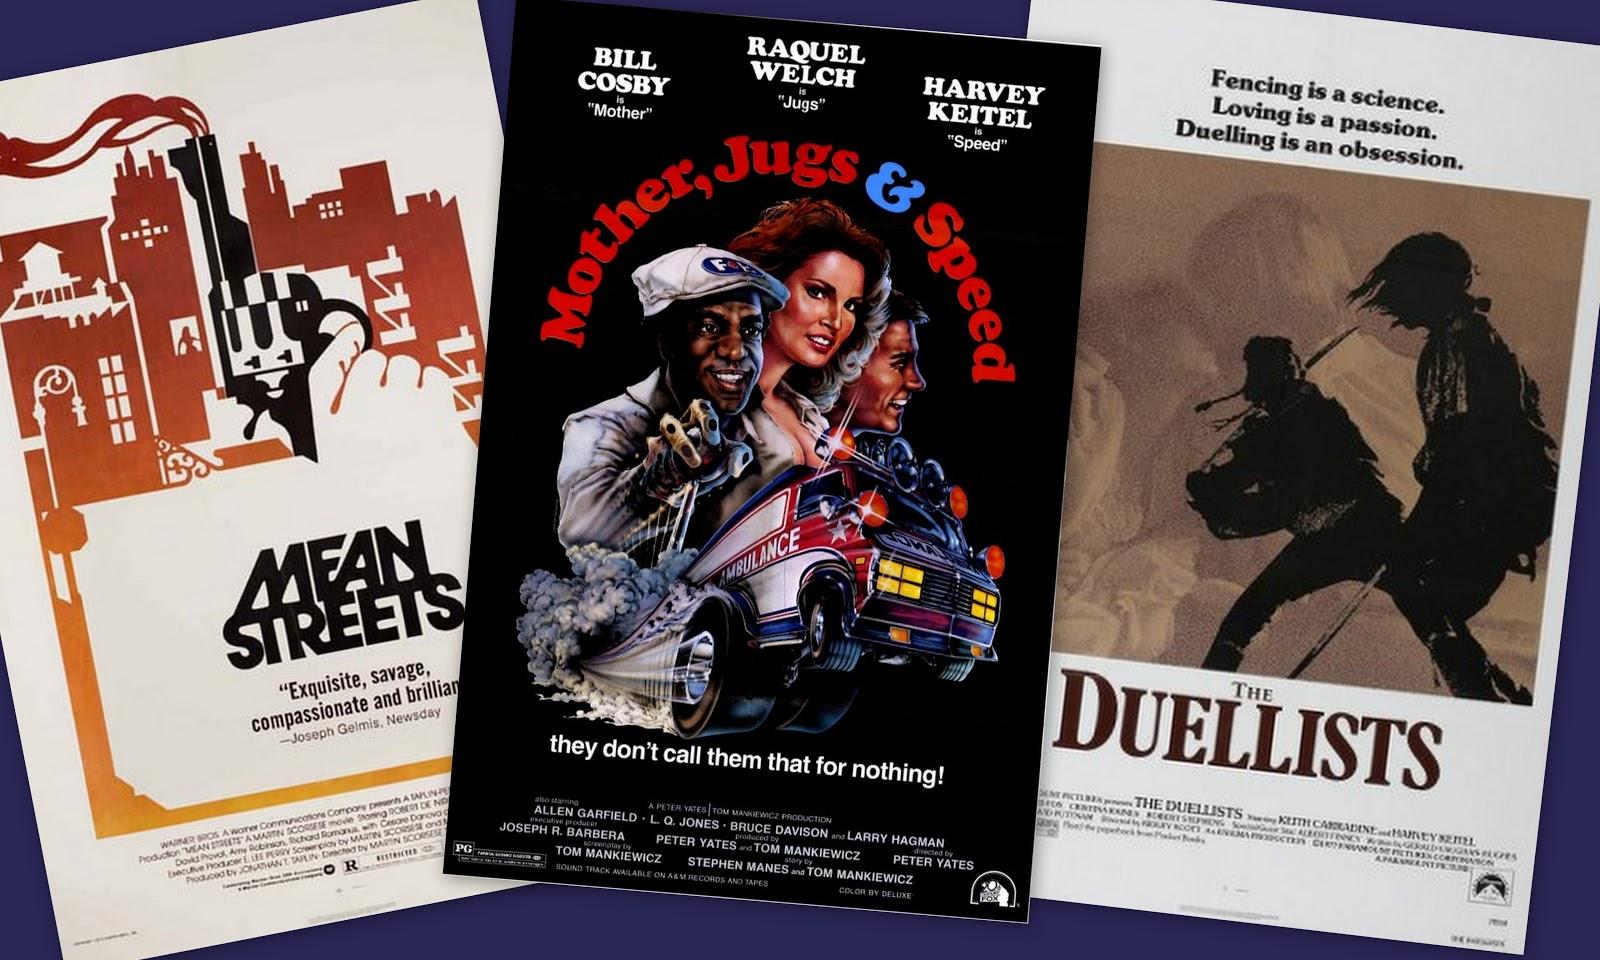 http://3.bp.blogspot.com/-h20Krmjx8fM/UNFBp1s37eI/AAAAAAAAAzo/E_pqwBaPexQ/s1600/reservoir_posters.jpg